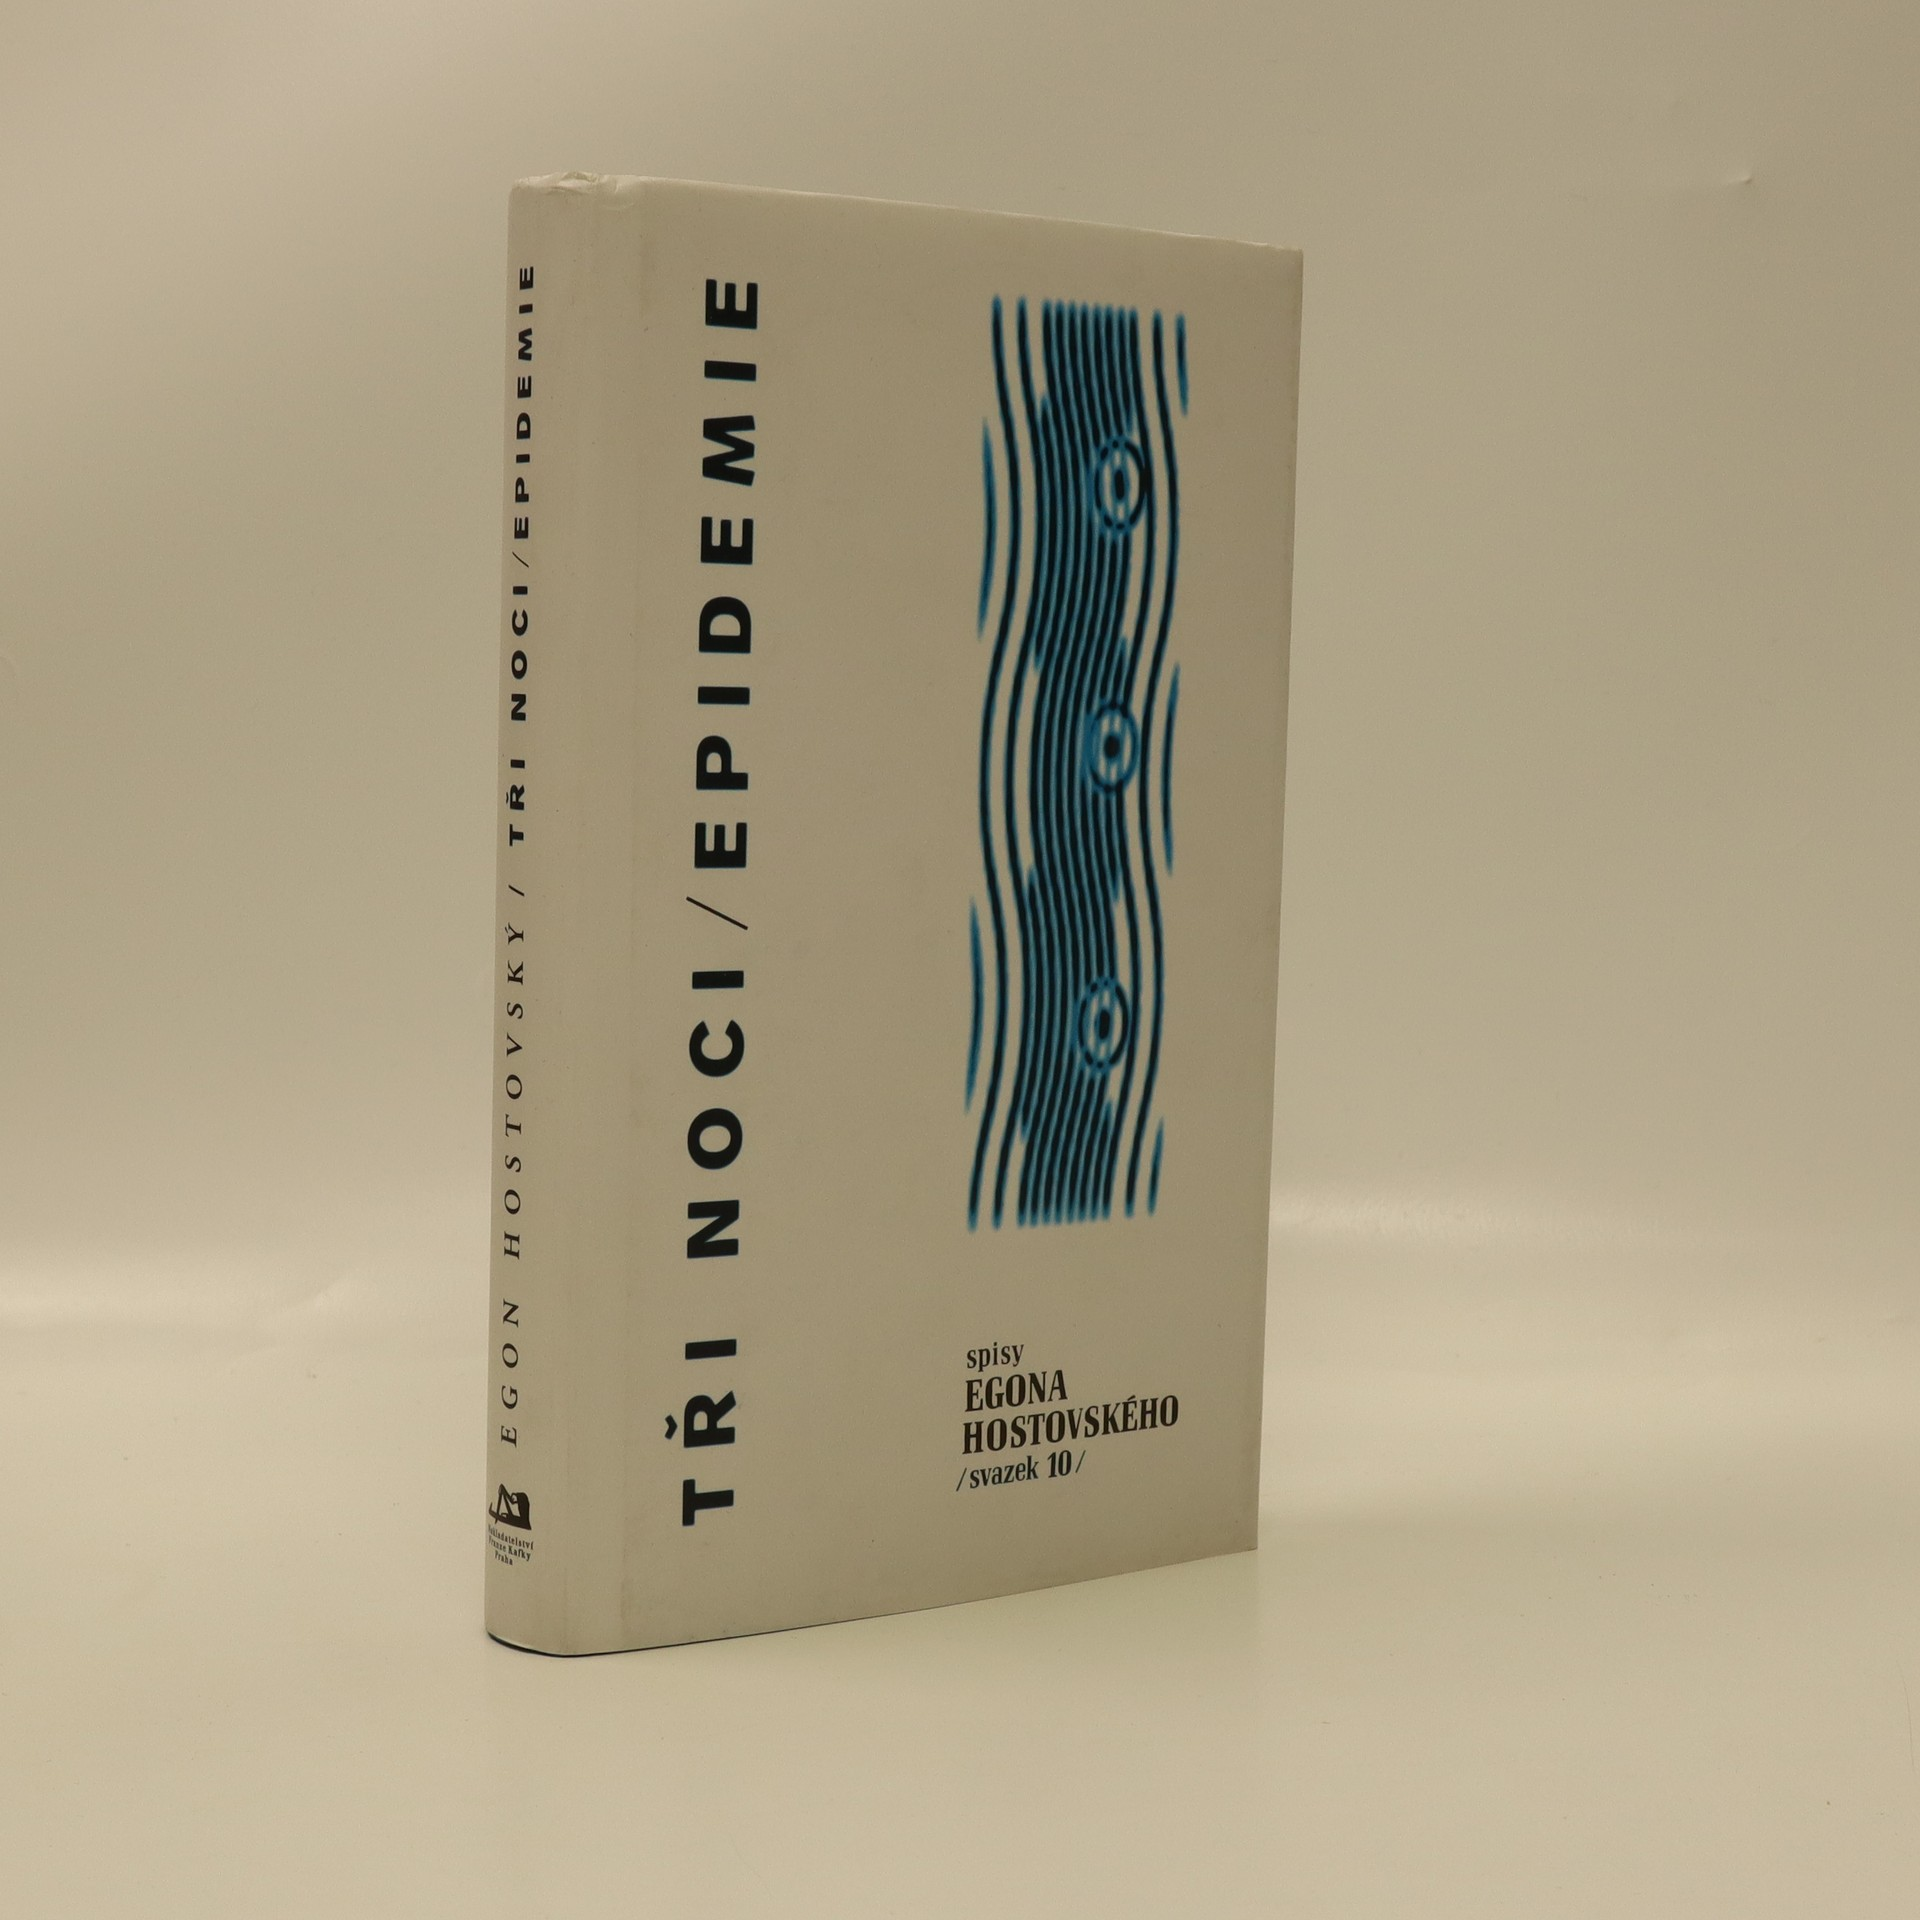 antikvární kniha Tři noci. Epidemie, 1997